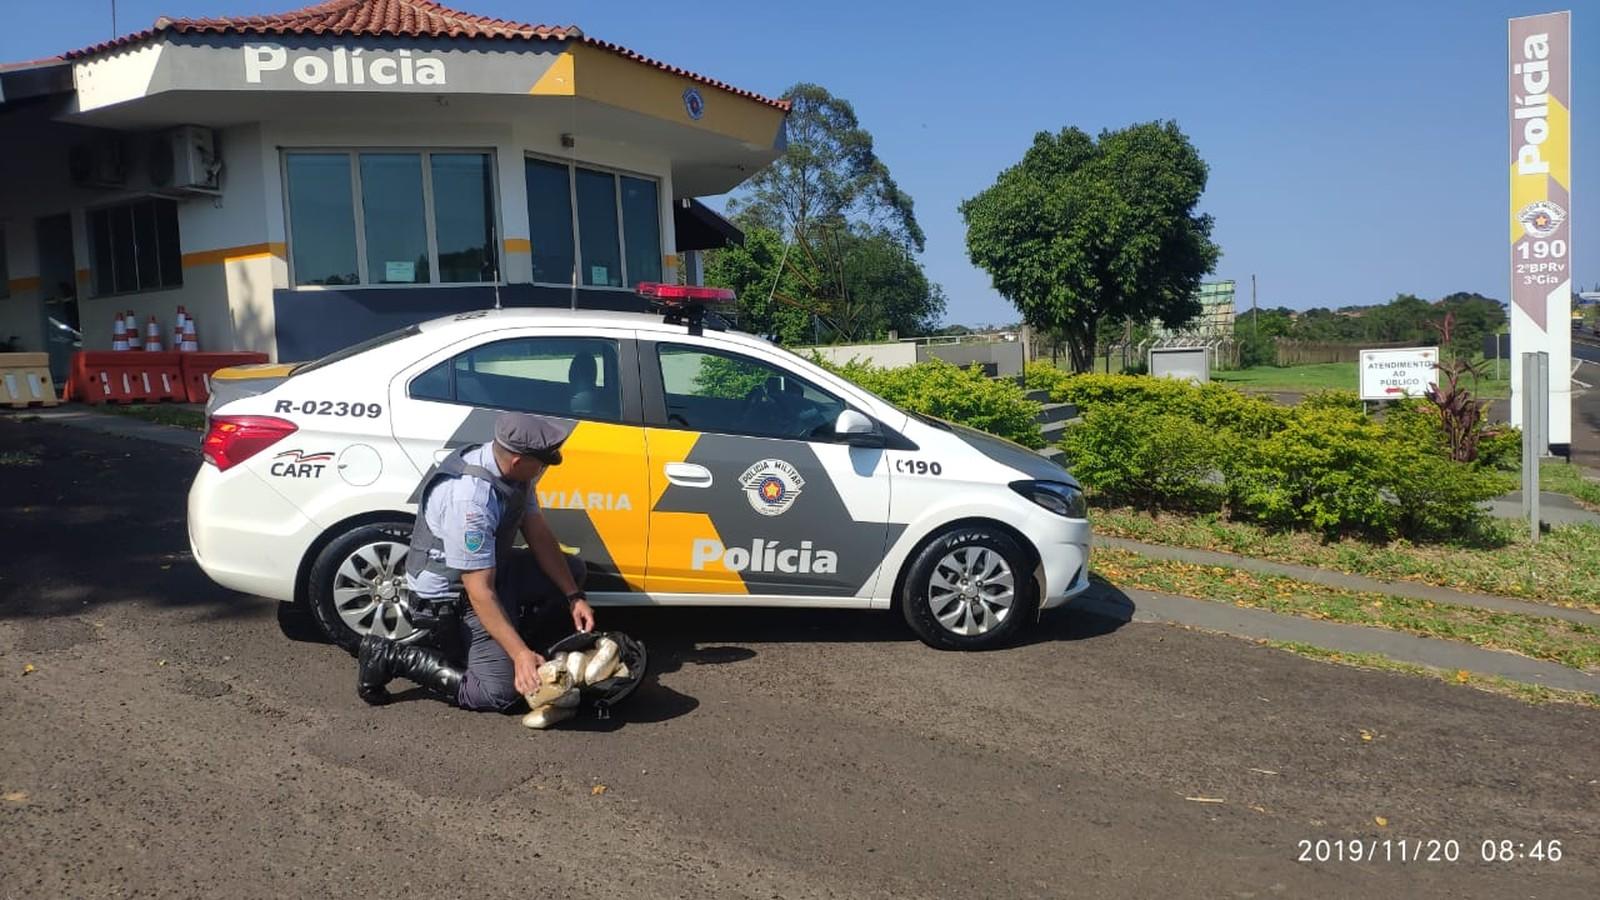 Polícia Rodoviária apreende pacotes de skank com passageira de ônibus em rodovia de Assis — Foto: Polícia Militar Rodoviária/Divulgação